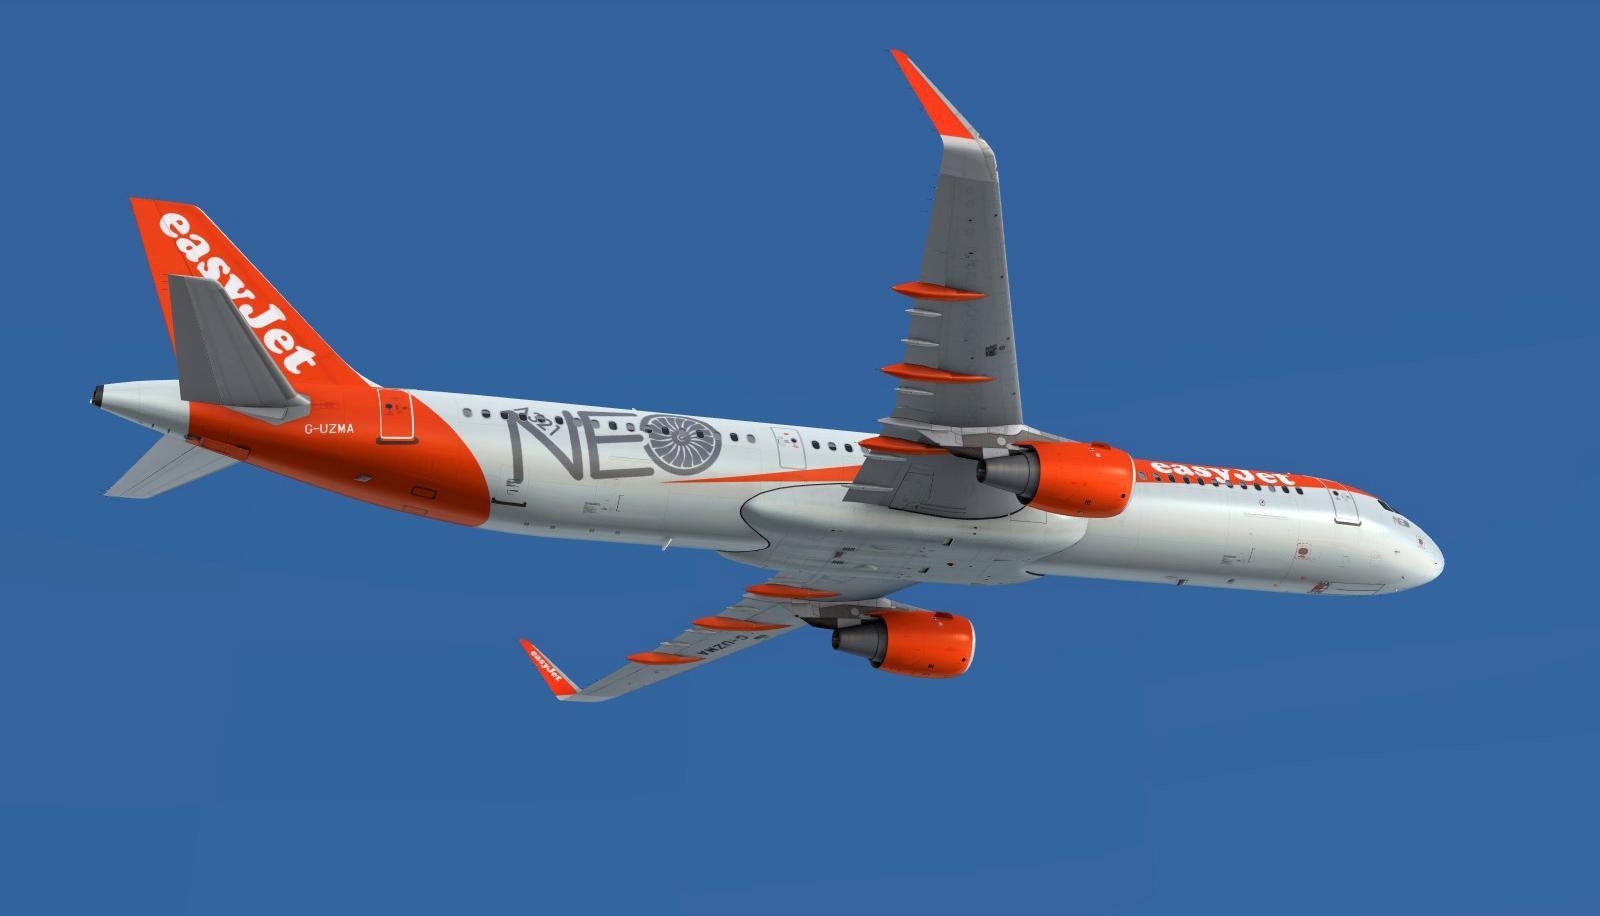 easyJet A321 G-UZMA 'NEO' Livery - Airbus A320/A321 liveries